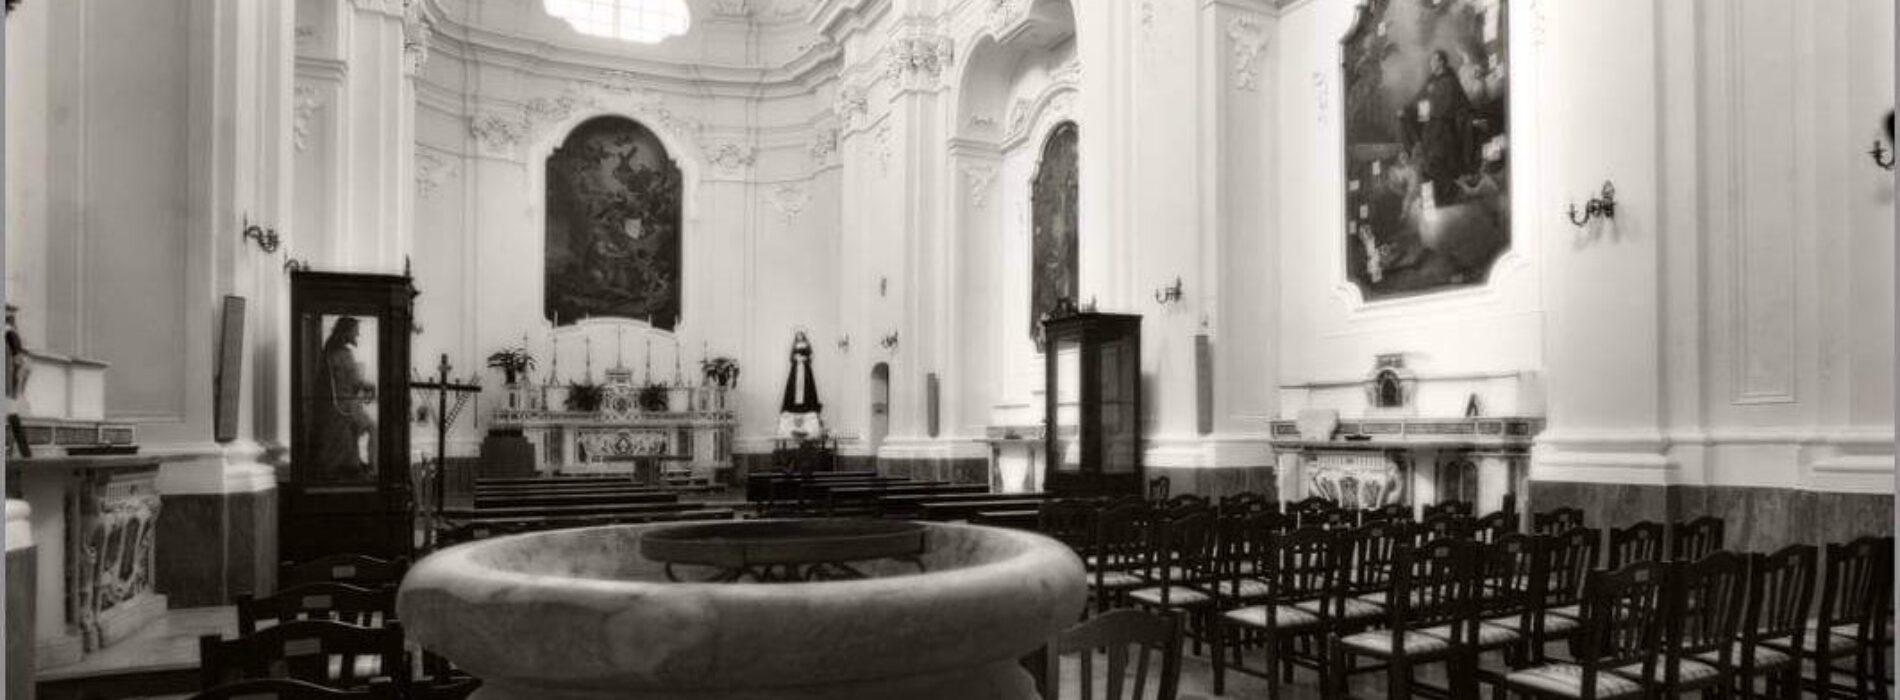 Le strade di Mozart portano a Capua, una targa alla Maddalena